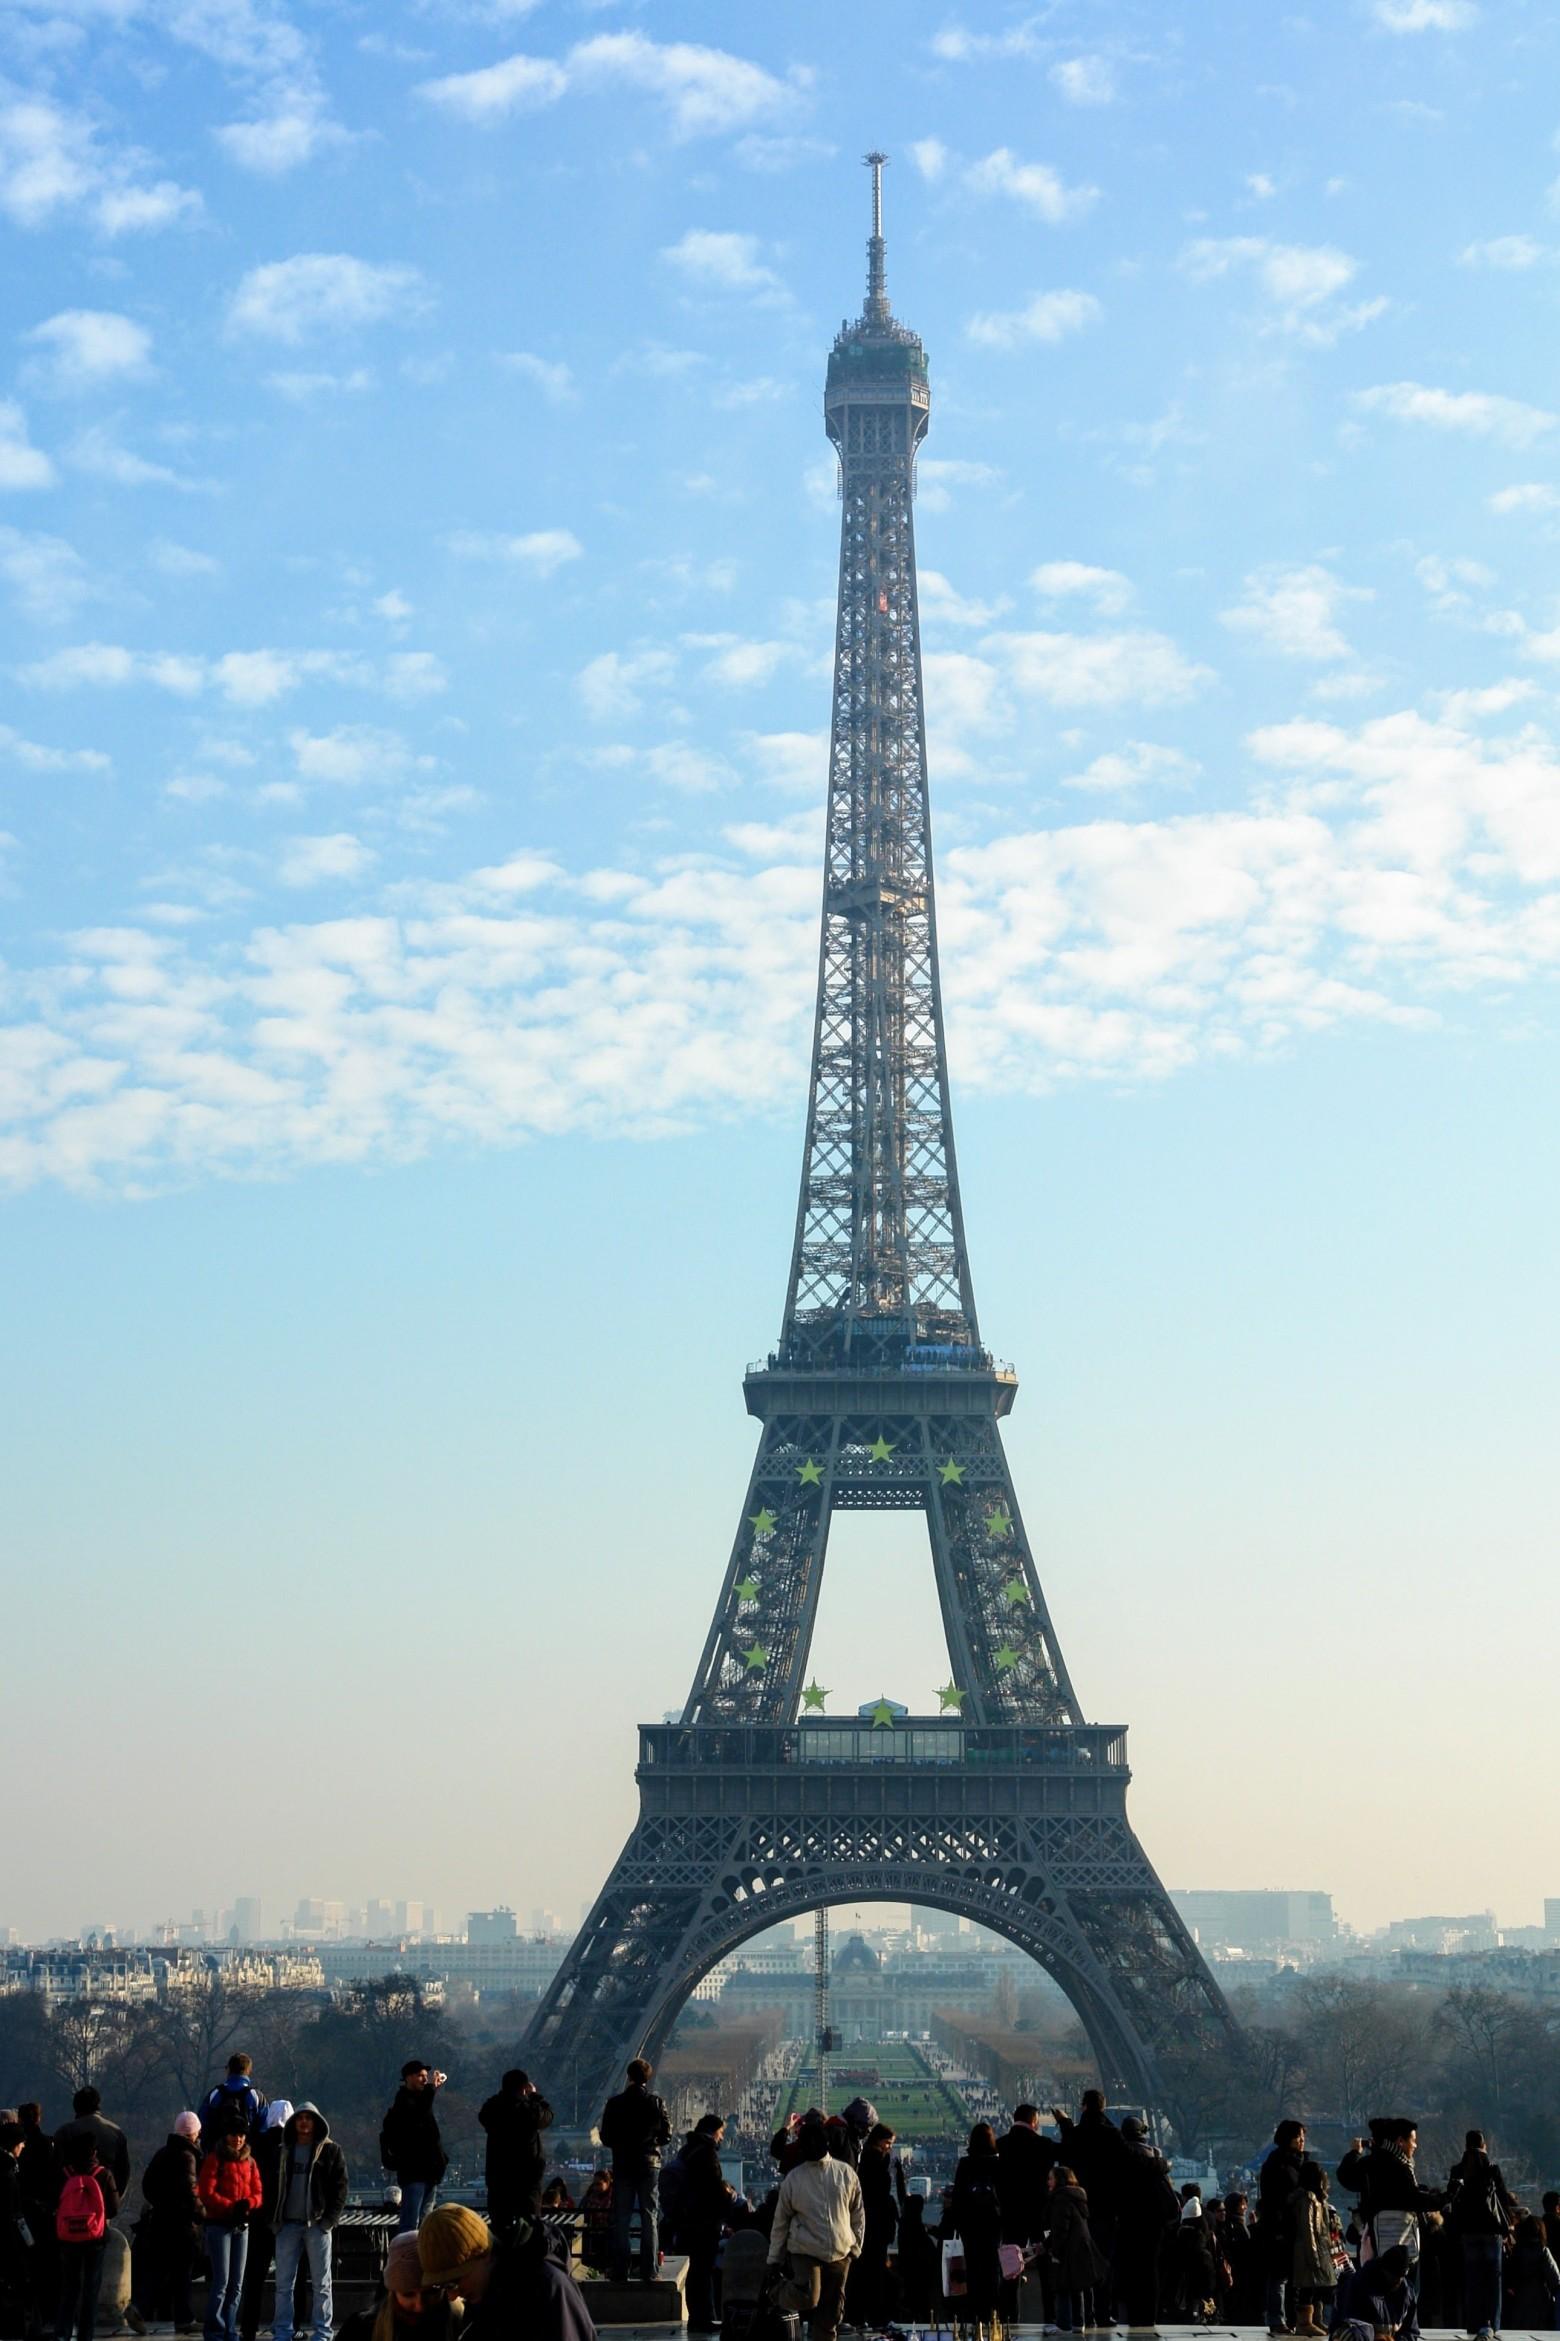 Paris et sa tour eiffel photos gratuites images - Images tour eiffel gratuites ...